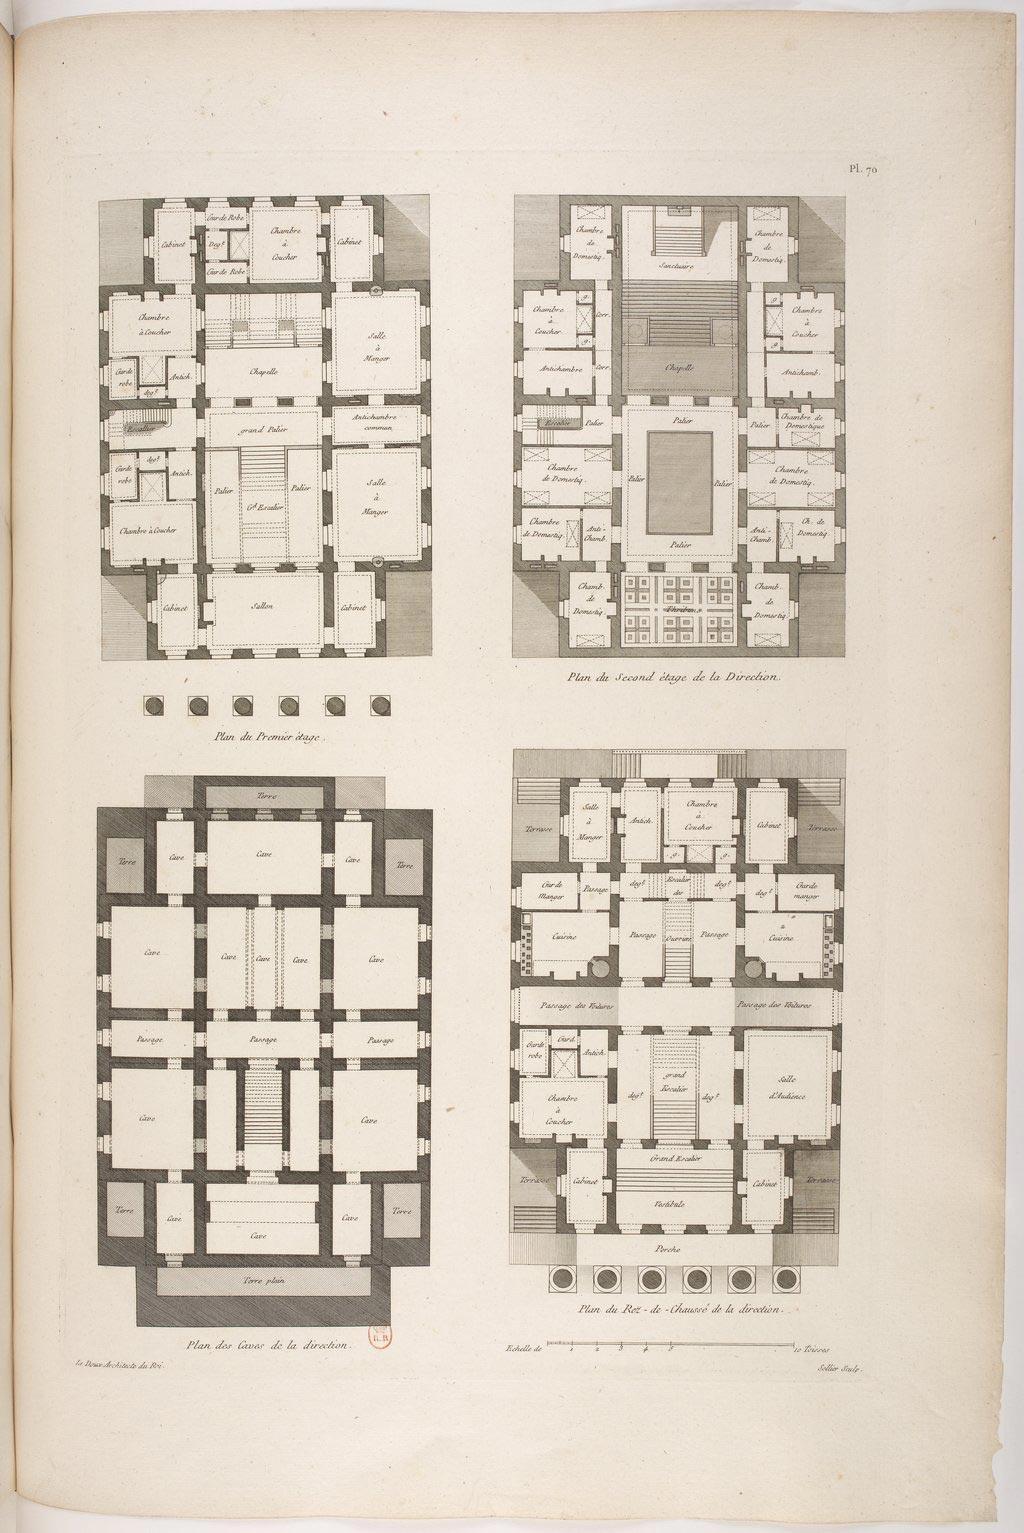 ledoux-claude-architecture-377